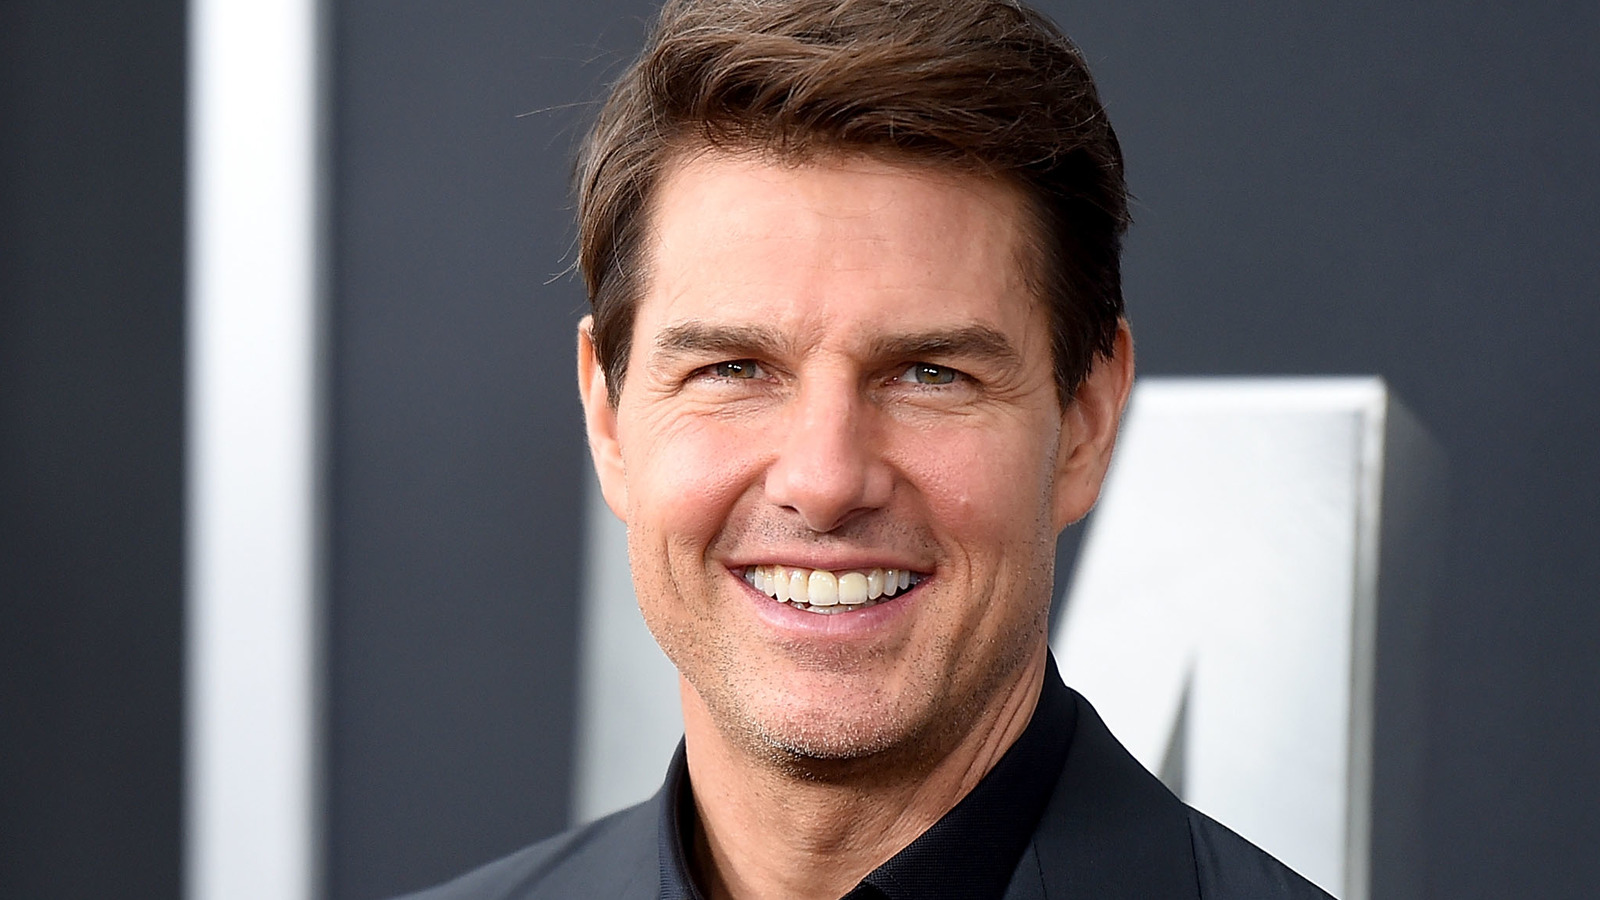 Tom Cruise's latest meltdown explained